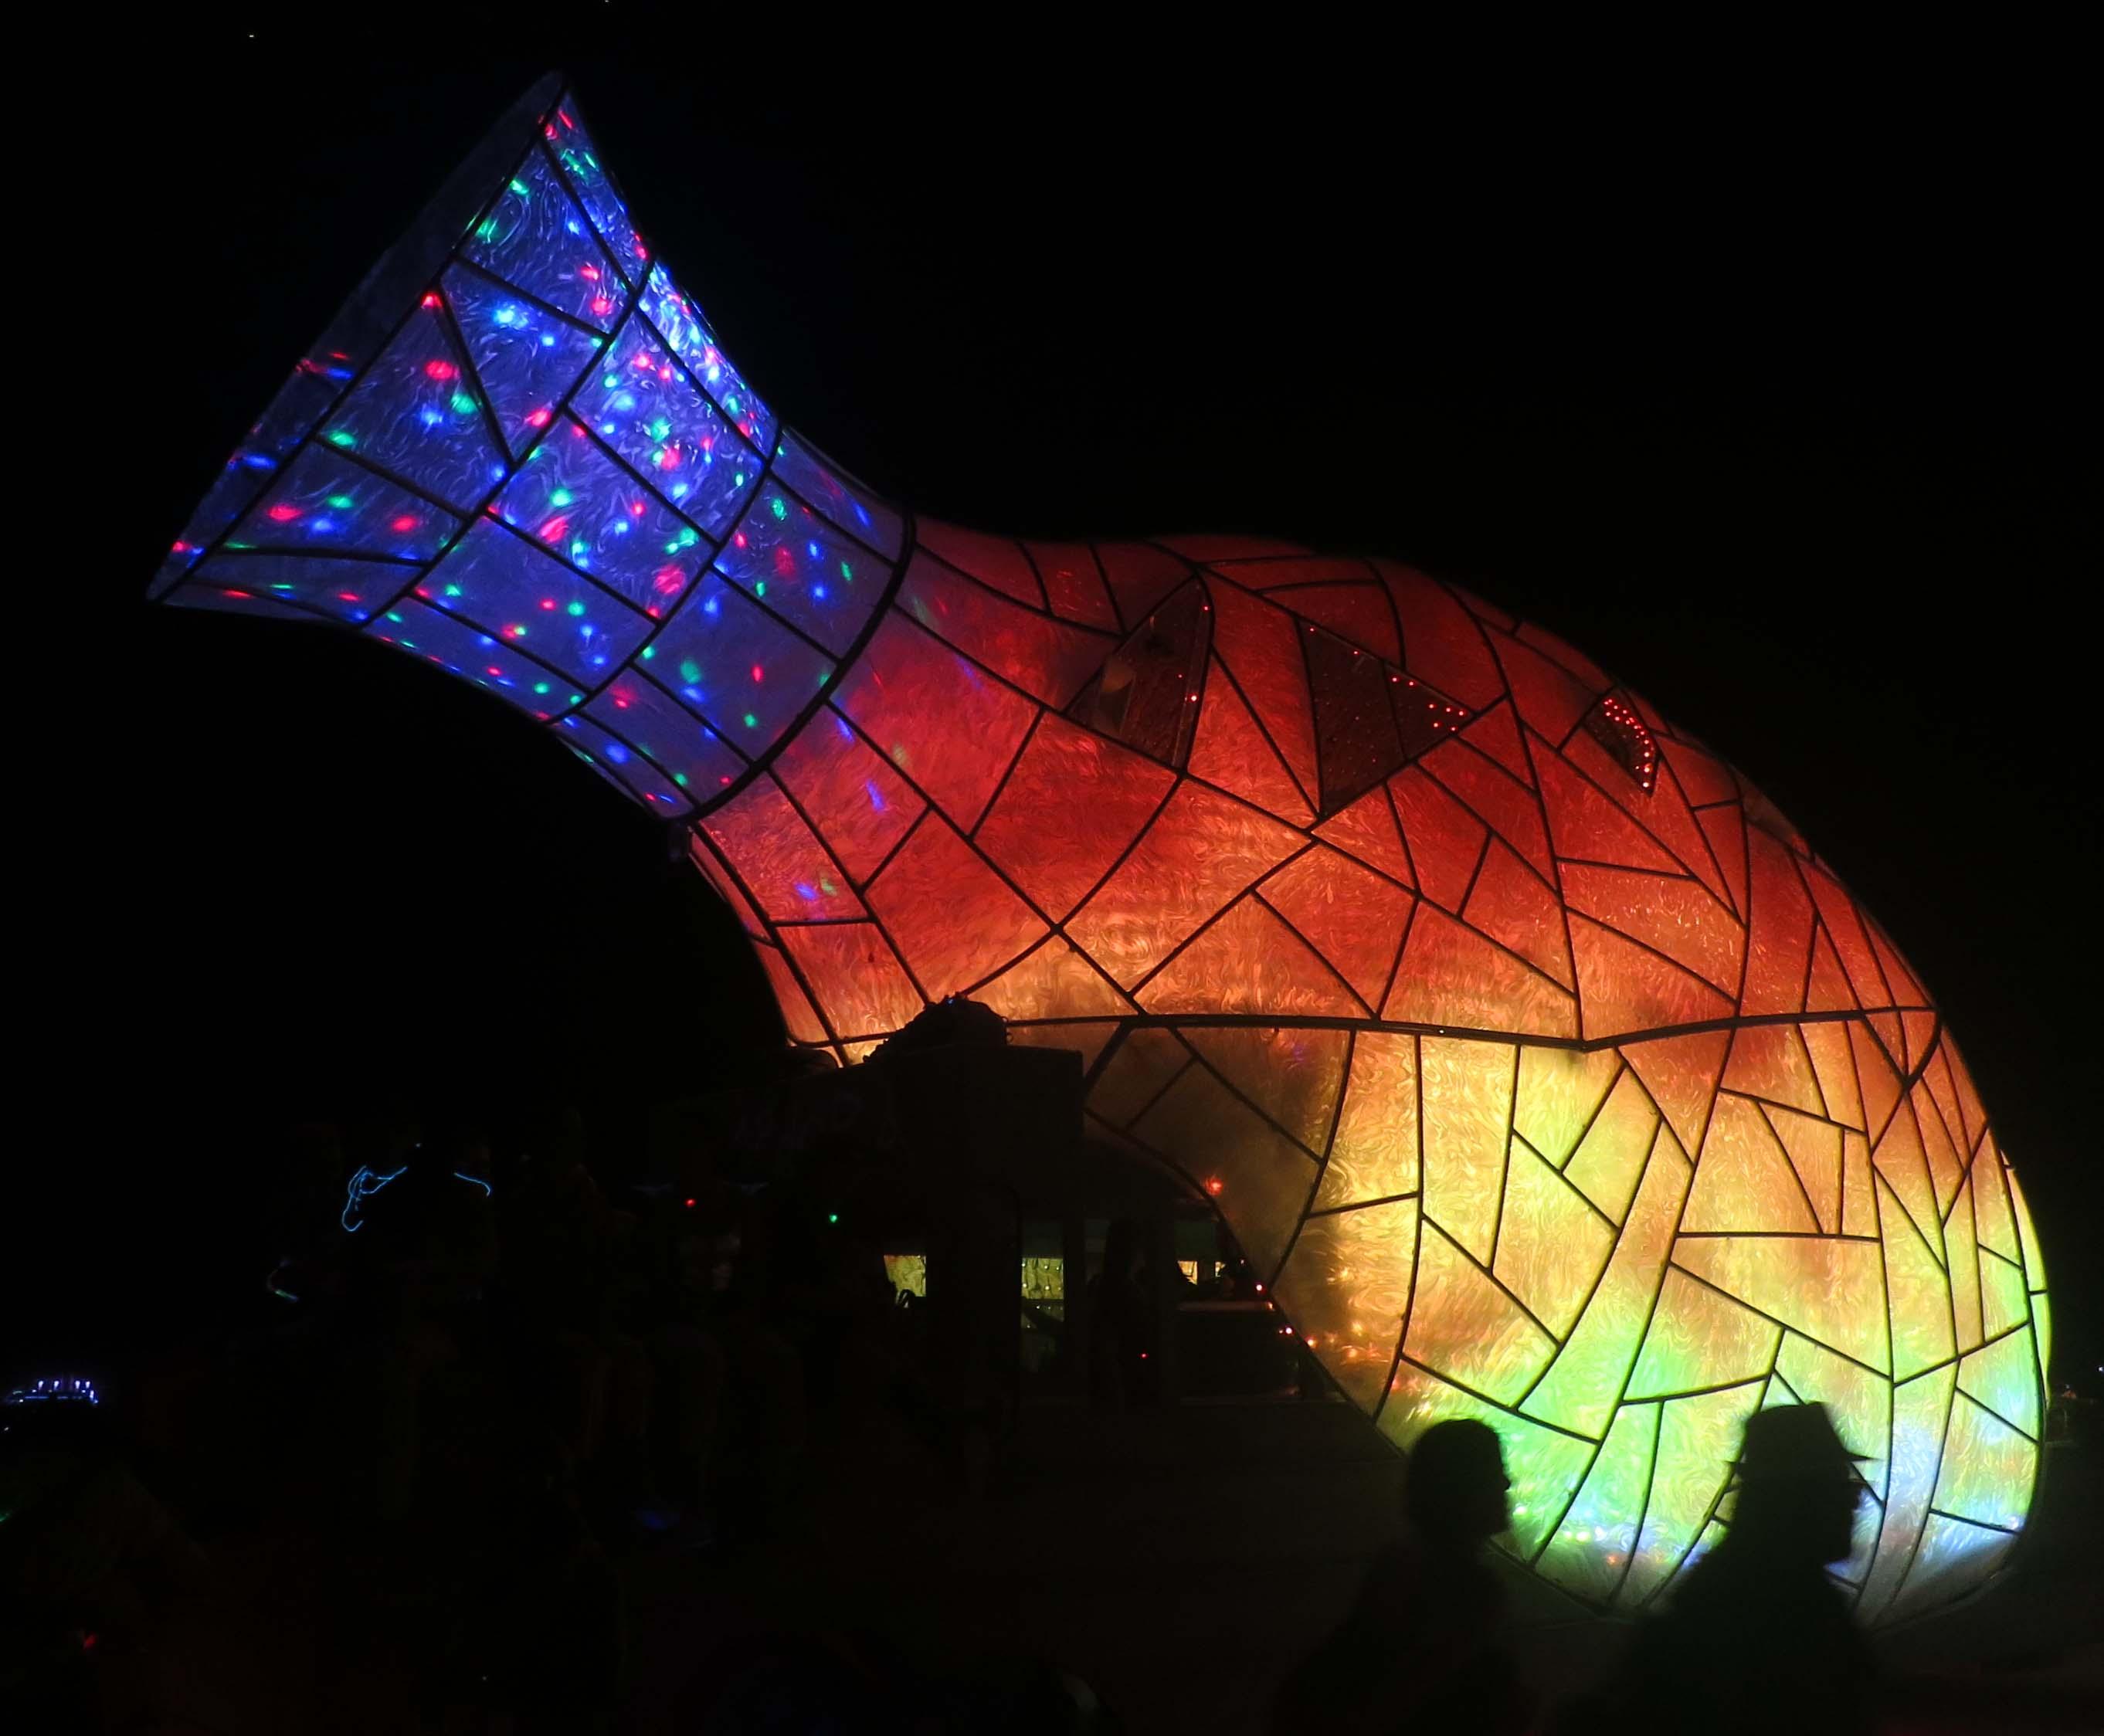 Burning Man mutant vehicle. Photo by Curtis Mekemson.